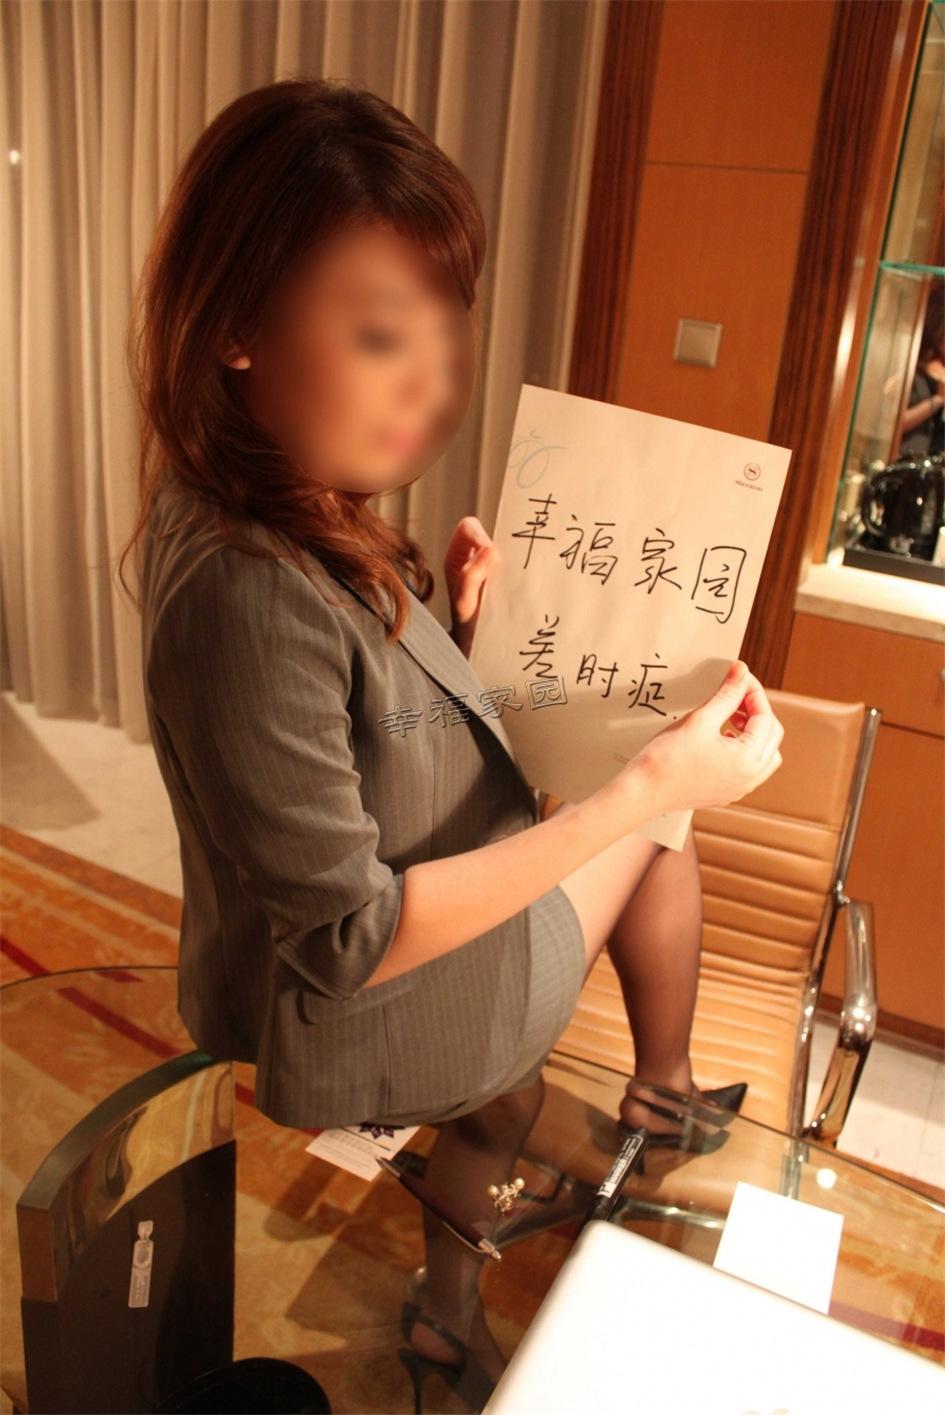 性感少妇私房黑丝诱惑匿名写真图片(图15)